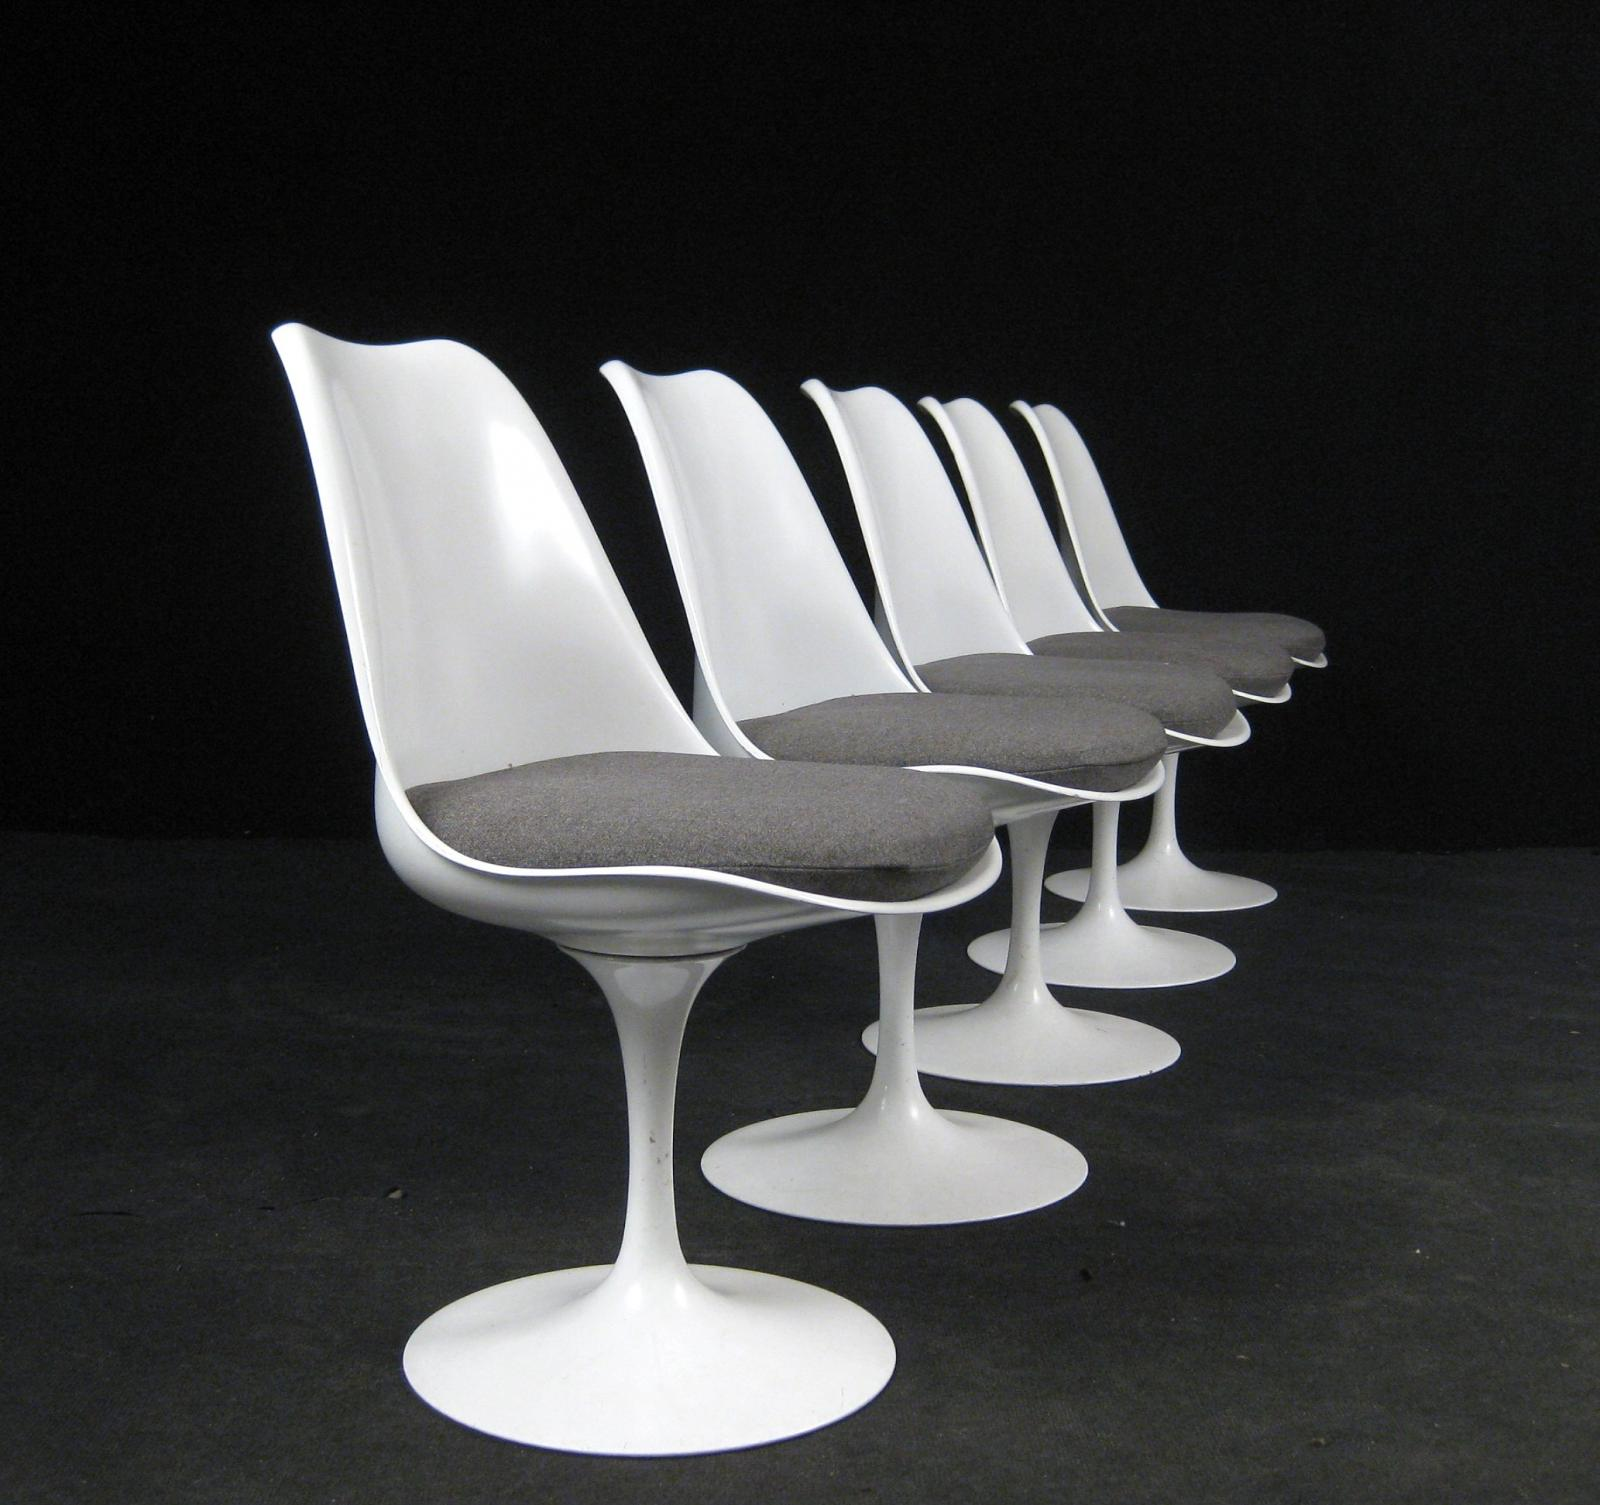 Cadeira Saarinen é um ícone do design mundial